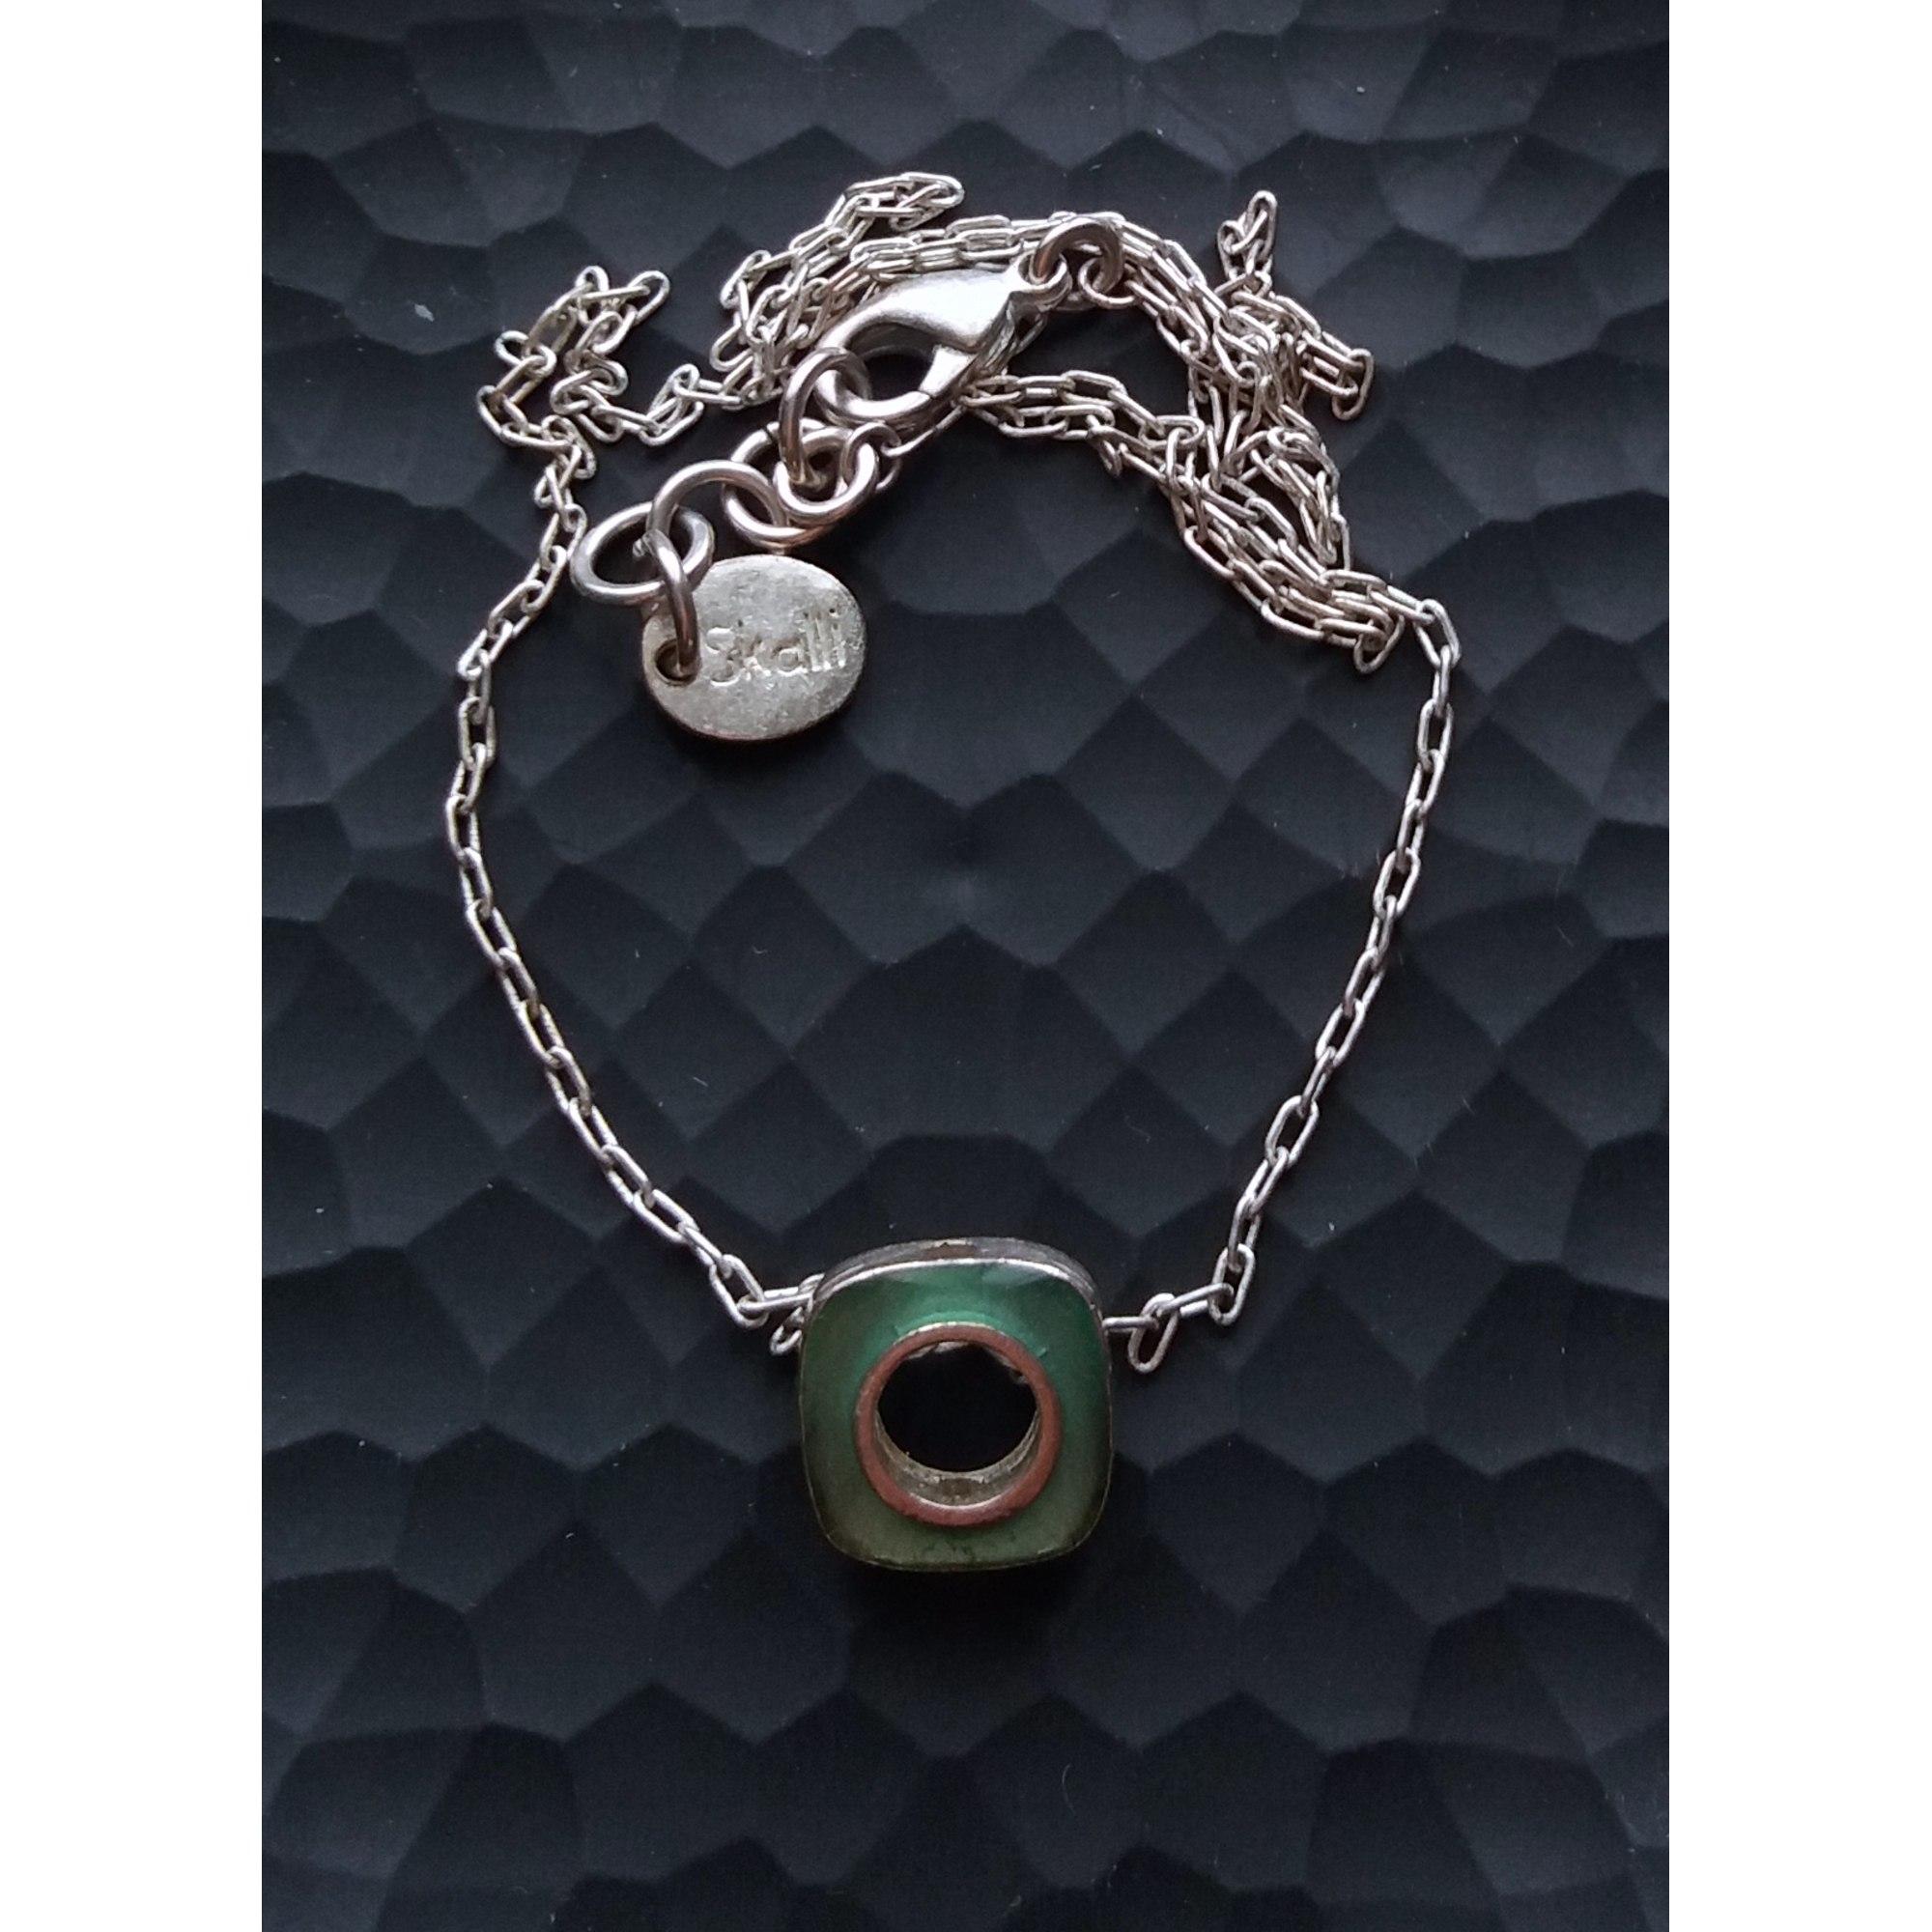 Pendentif, collier pendentif SKALLI Argenté, acier